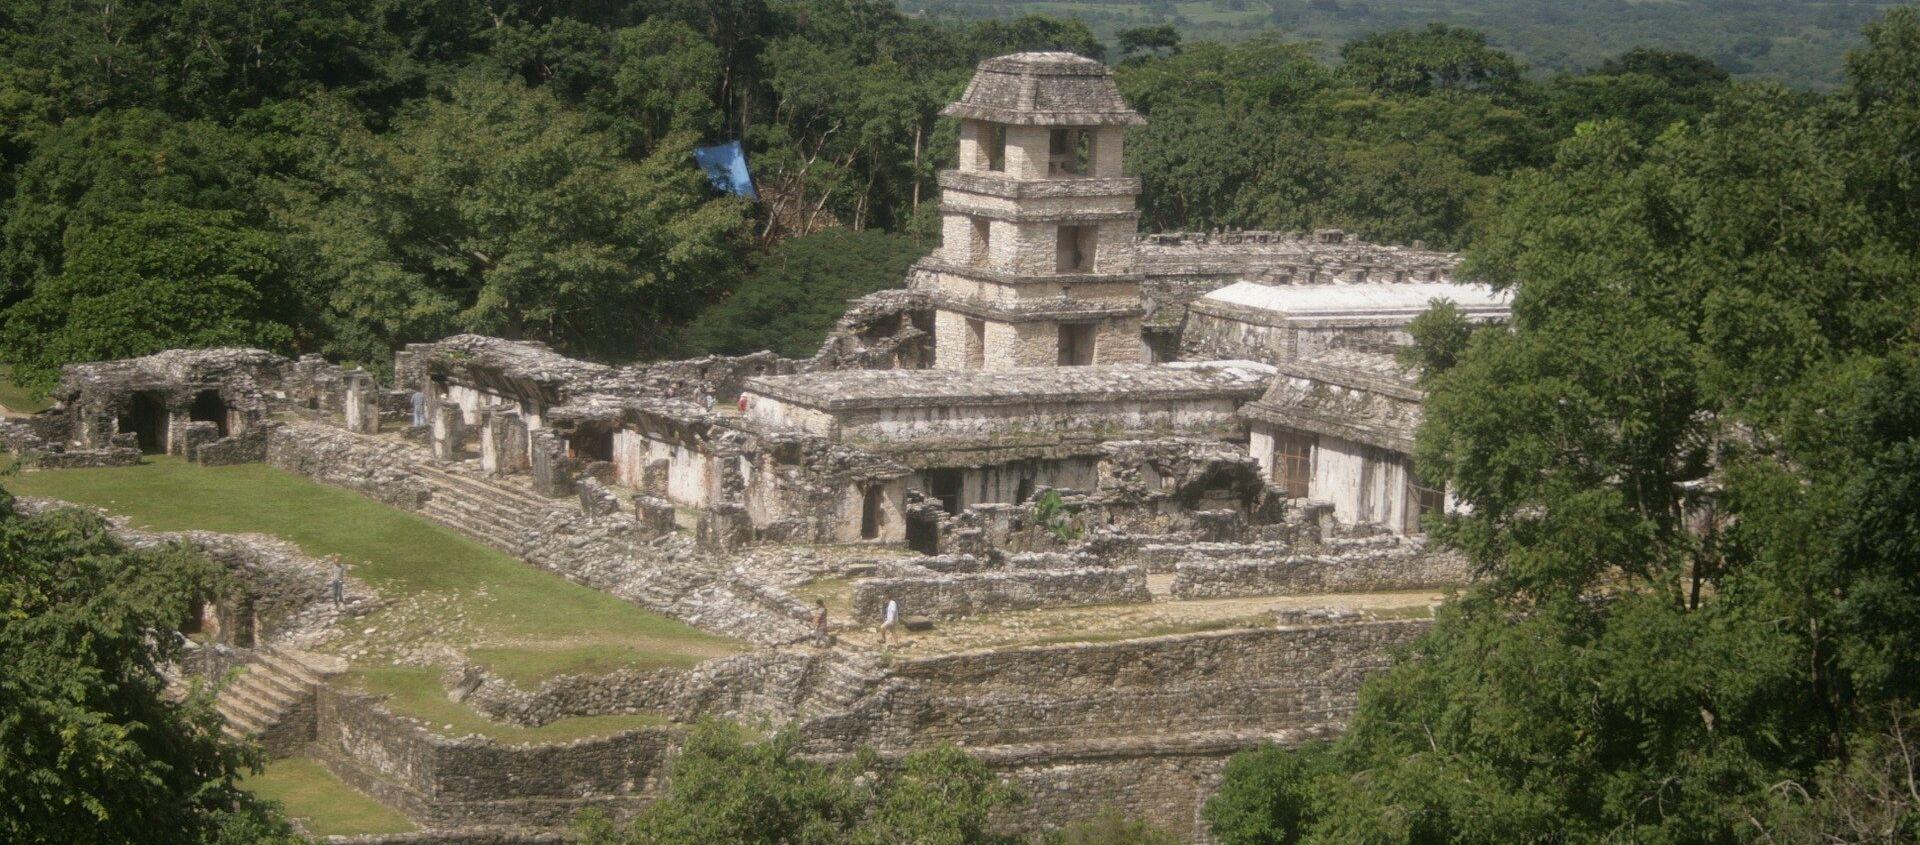 Palacio de Palenque - Sputnik Mundo, 1920, 04.09.2018